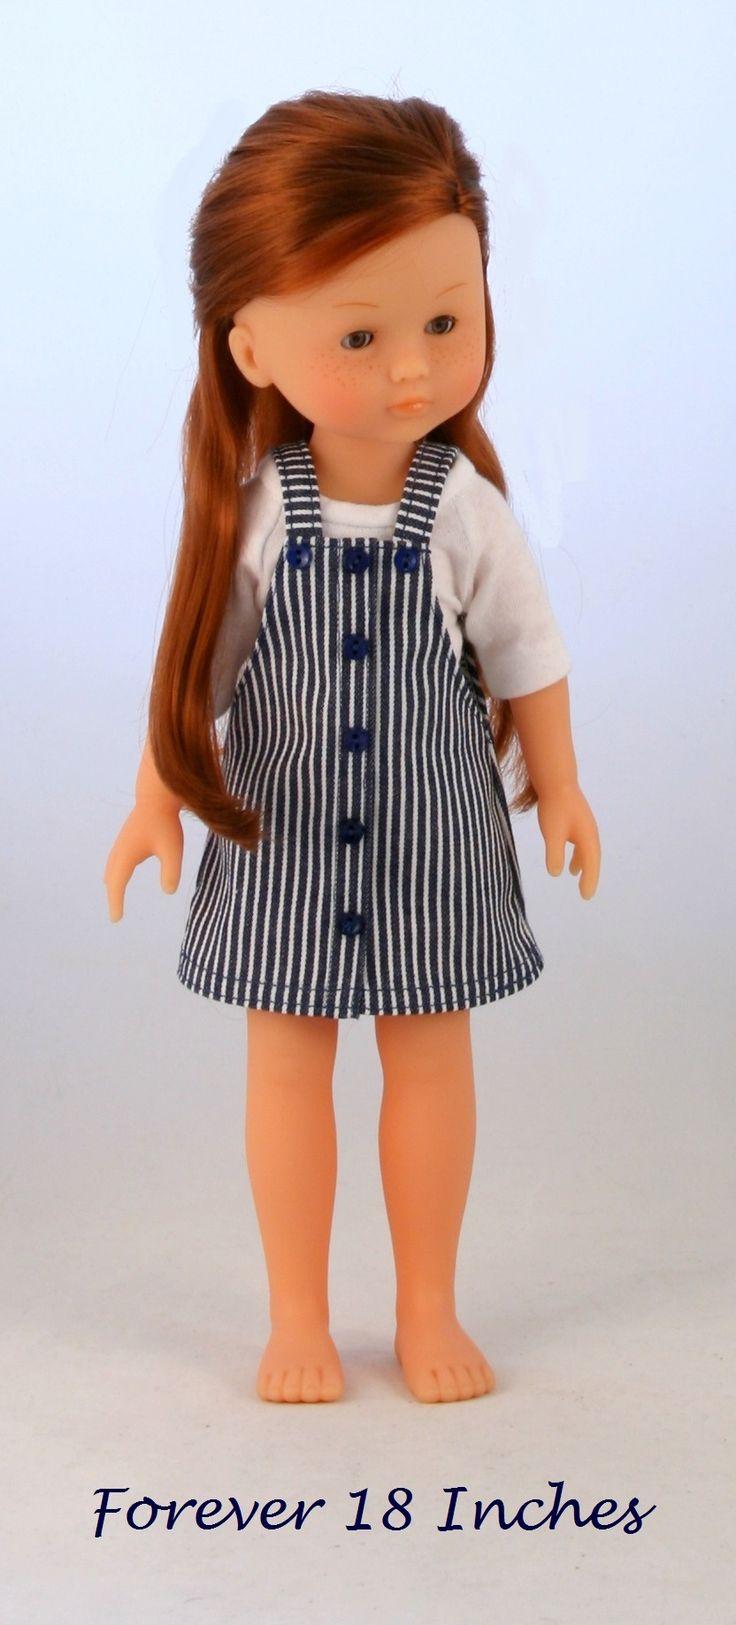 1000+ images about Pour la poupee de ... on Pinterest Doll dresses, Shoe pa...